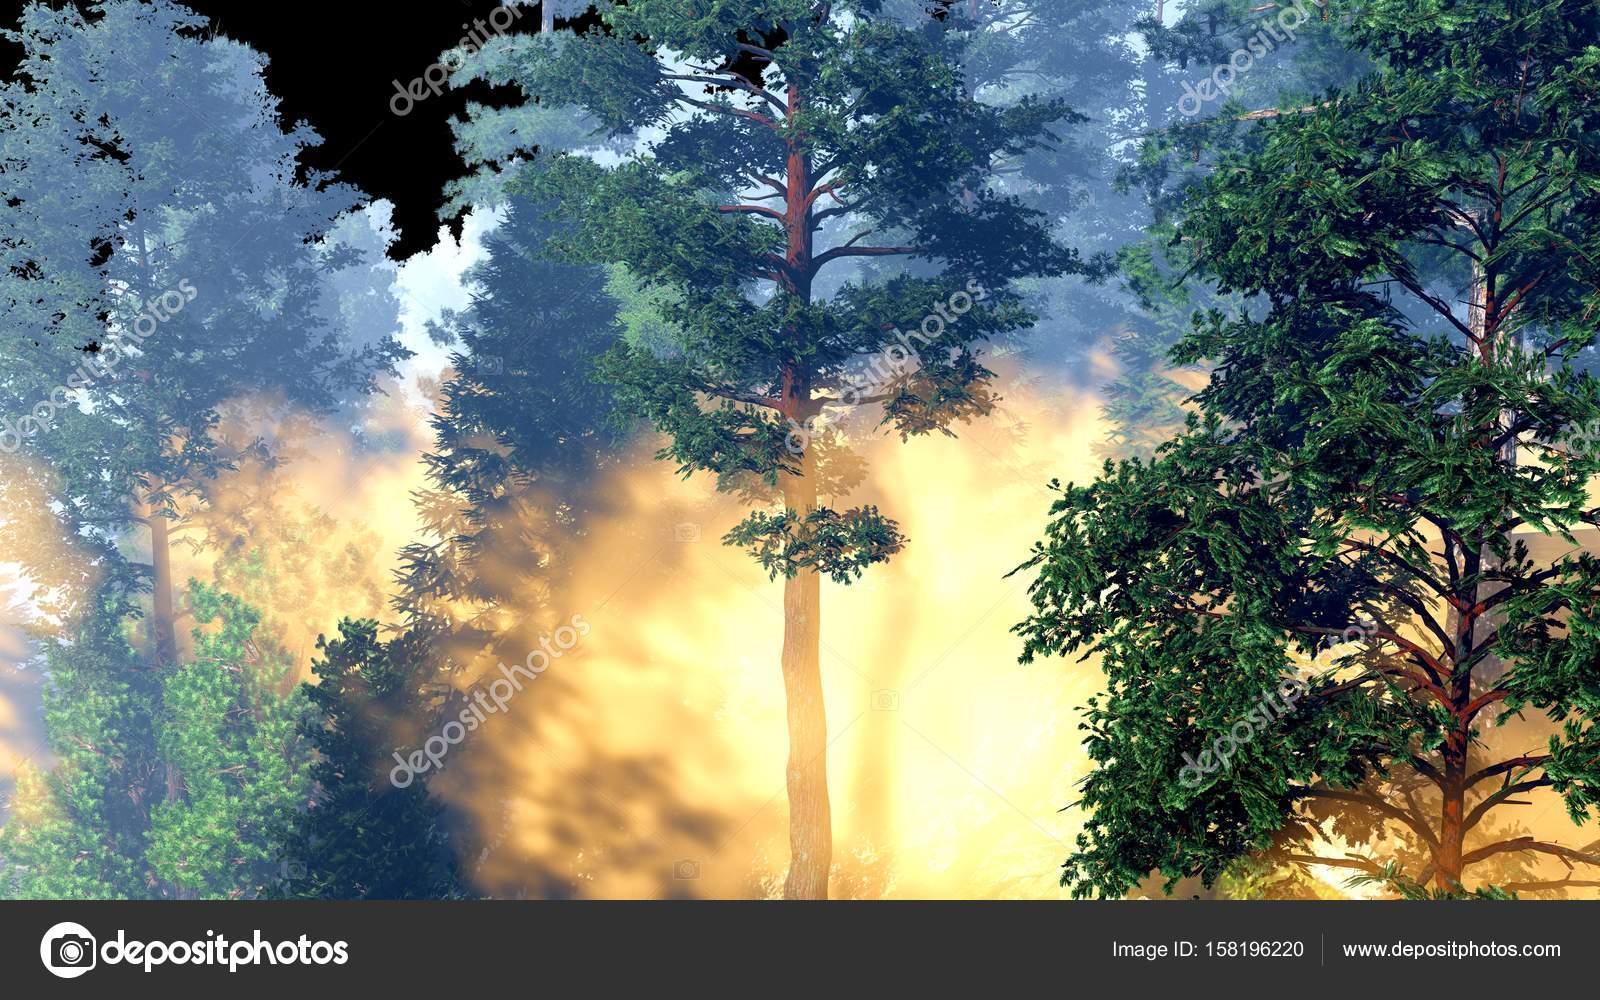 Imágenes Bosques De Noche Bonitos Desastre Con Fuego En La